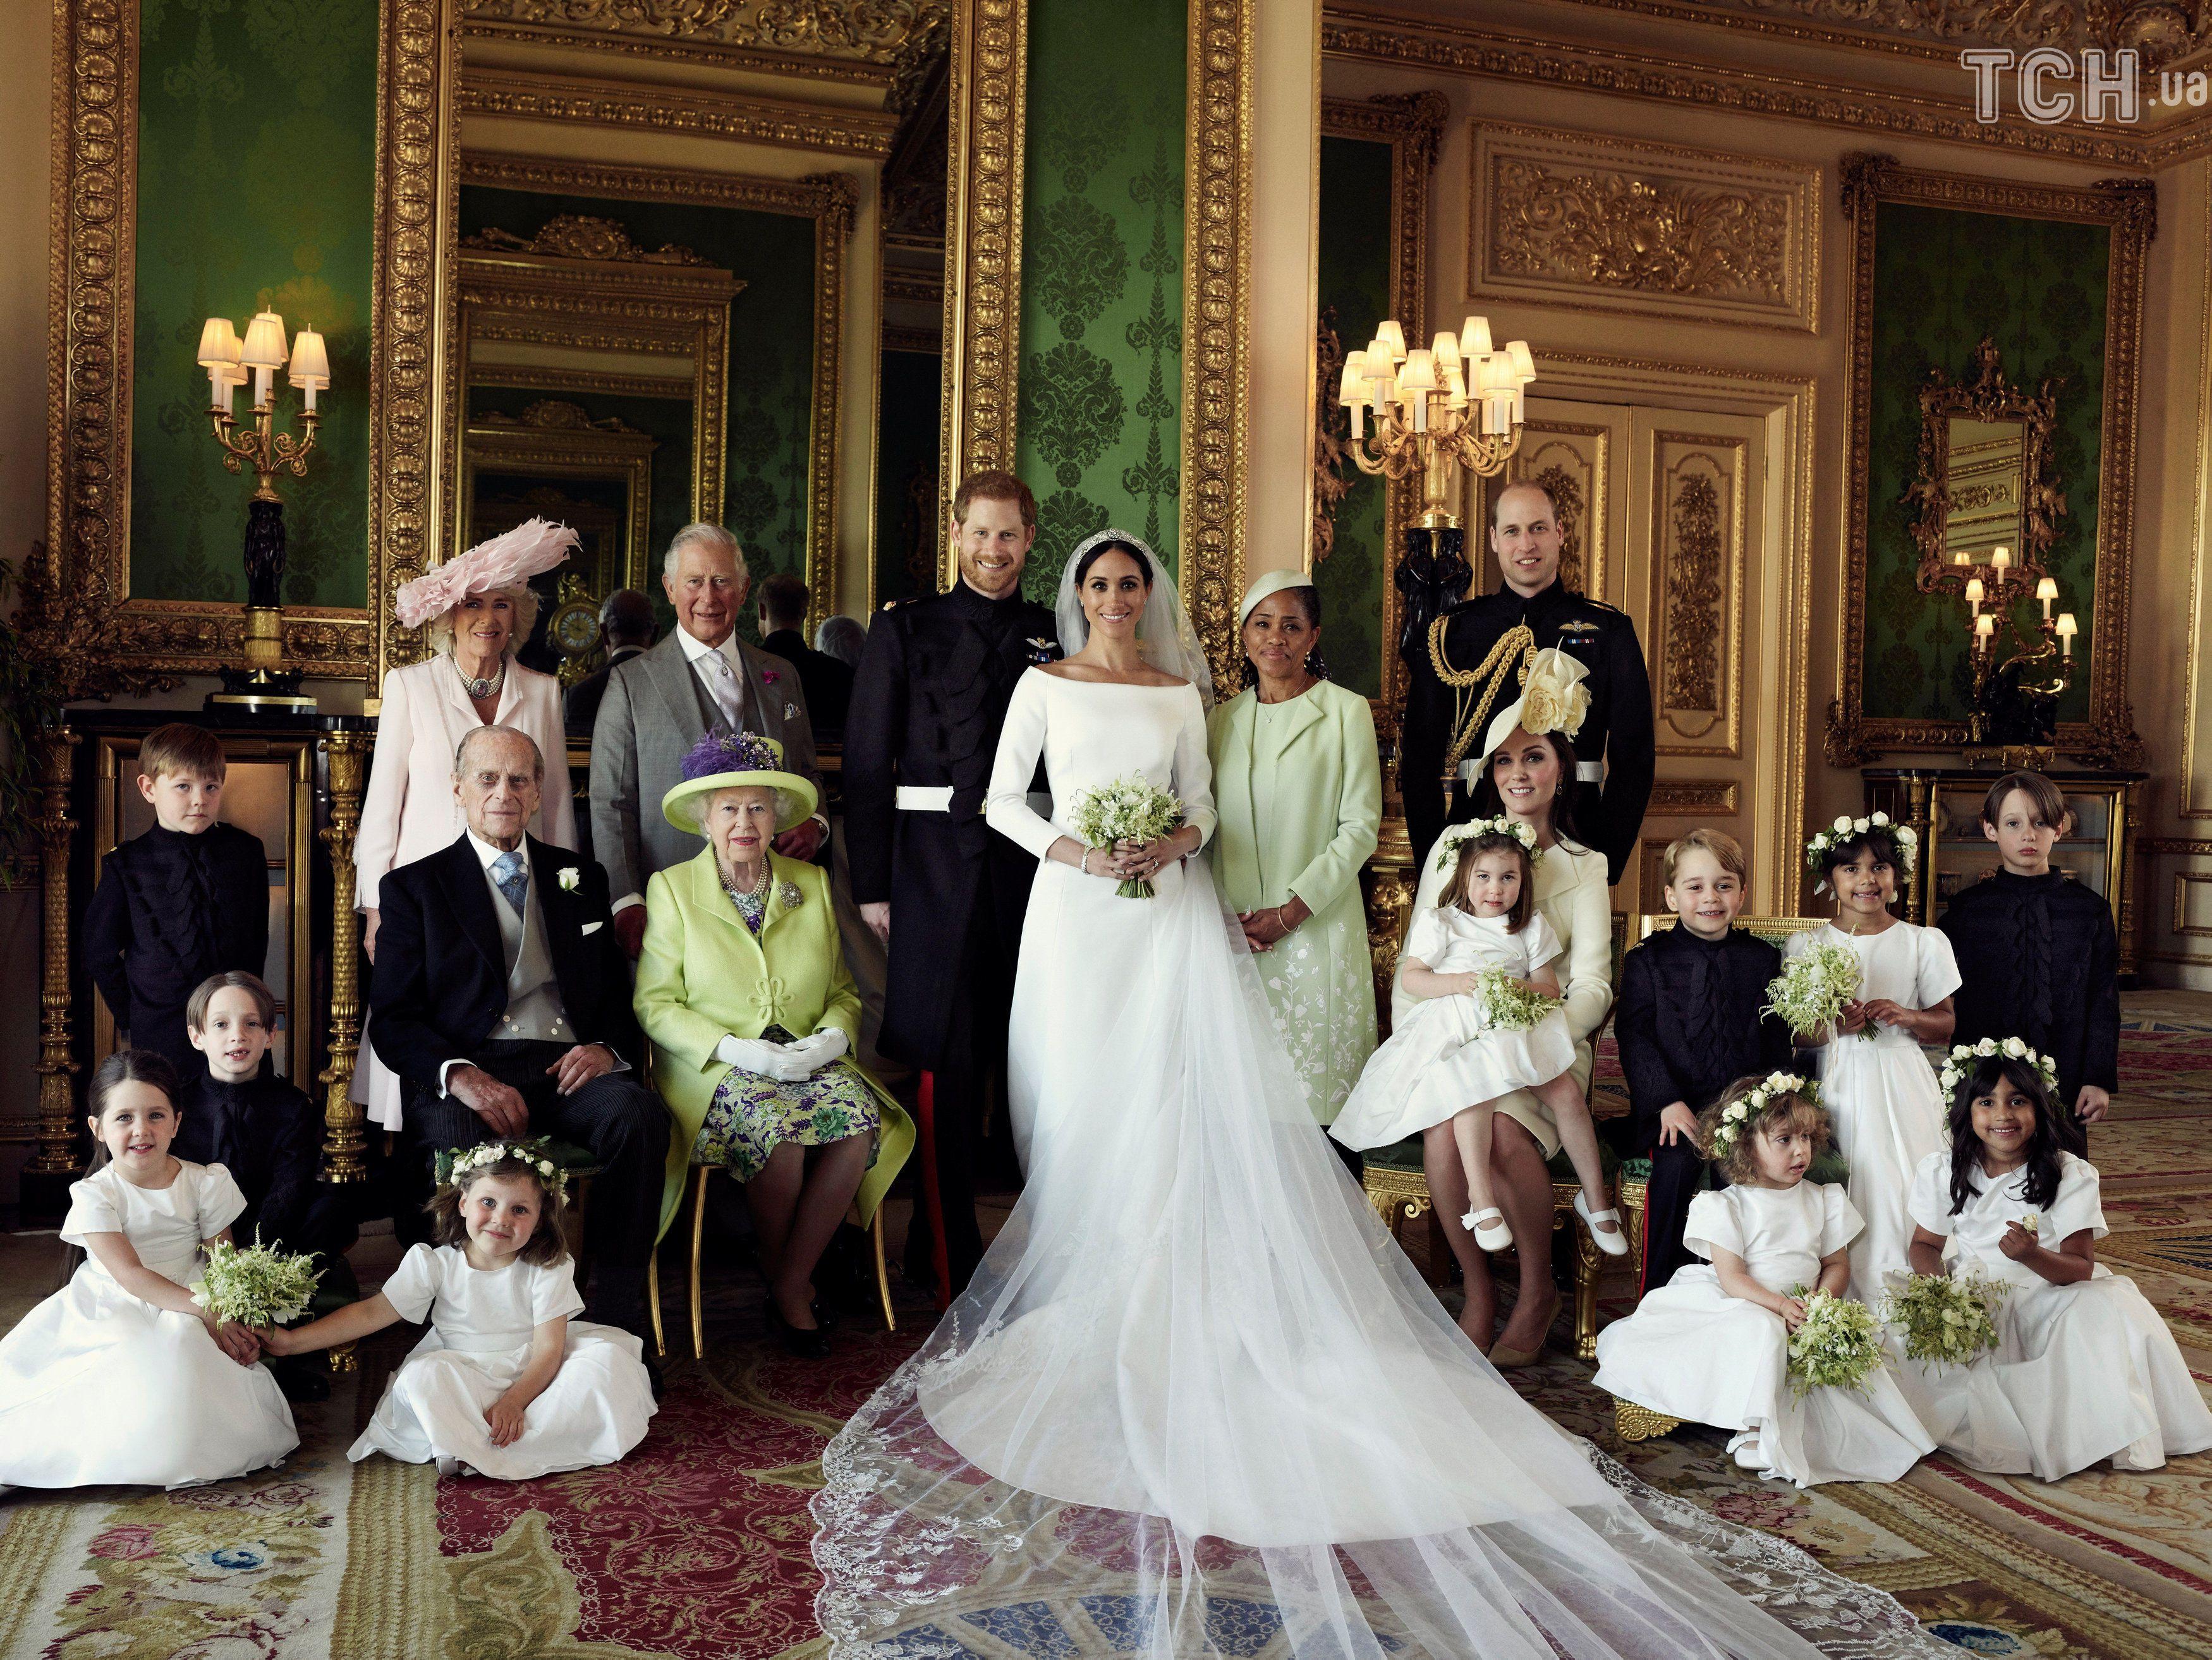 Принц Гаррі та Меган, перші весільні фото_4